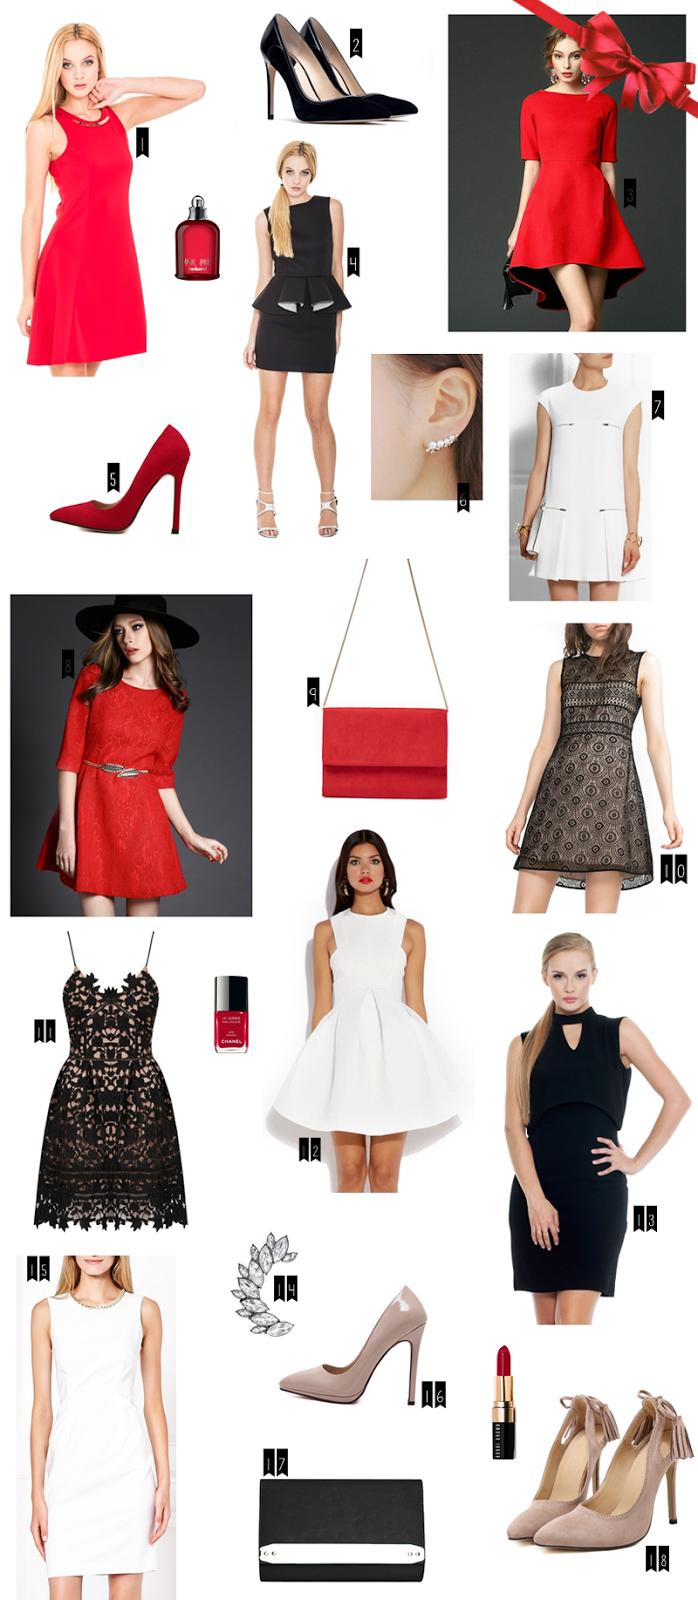 eleganckie sukienki na święta mała czarna czerwona sukienka